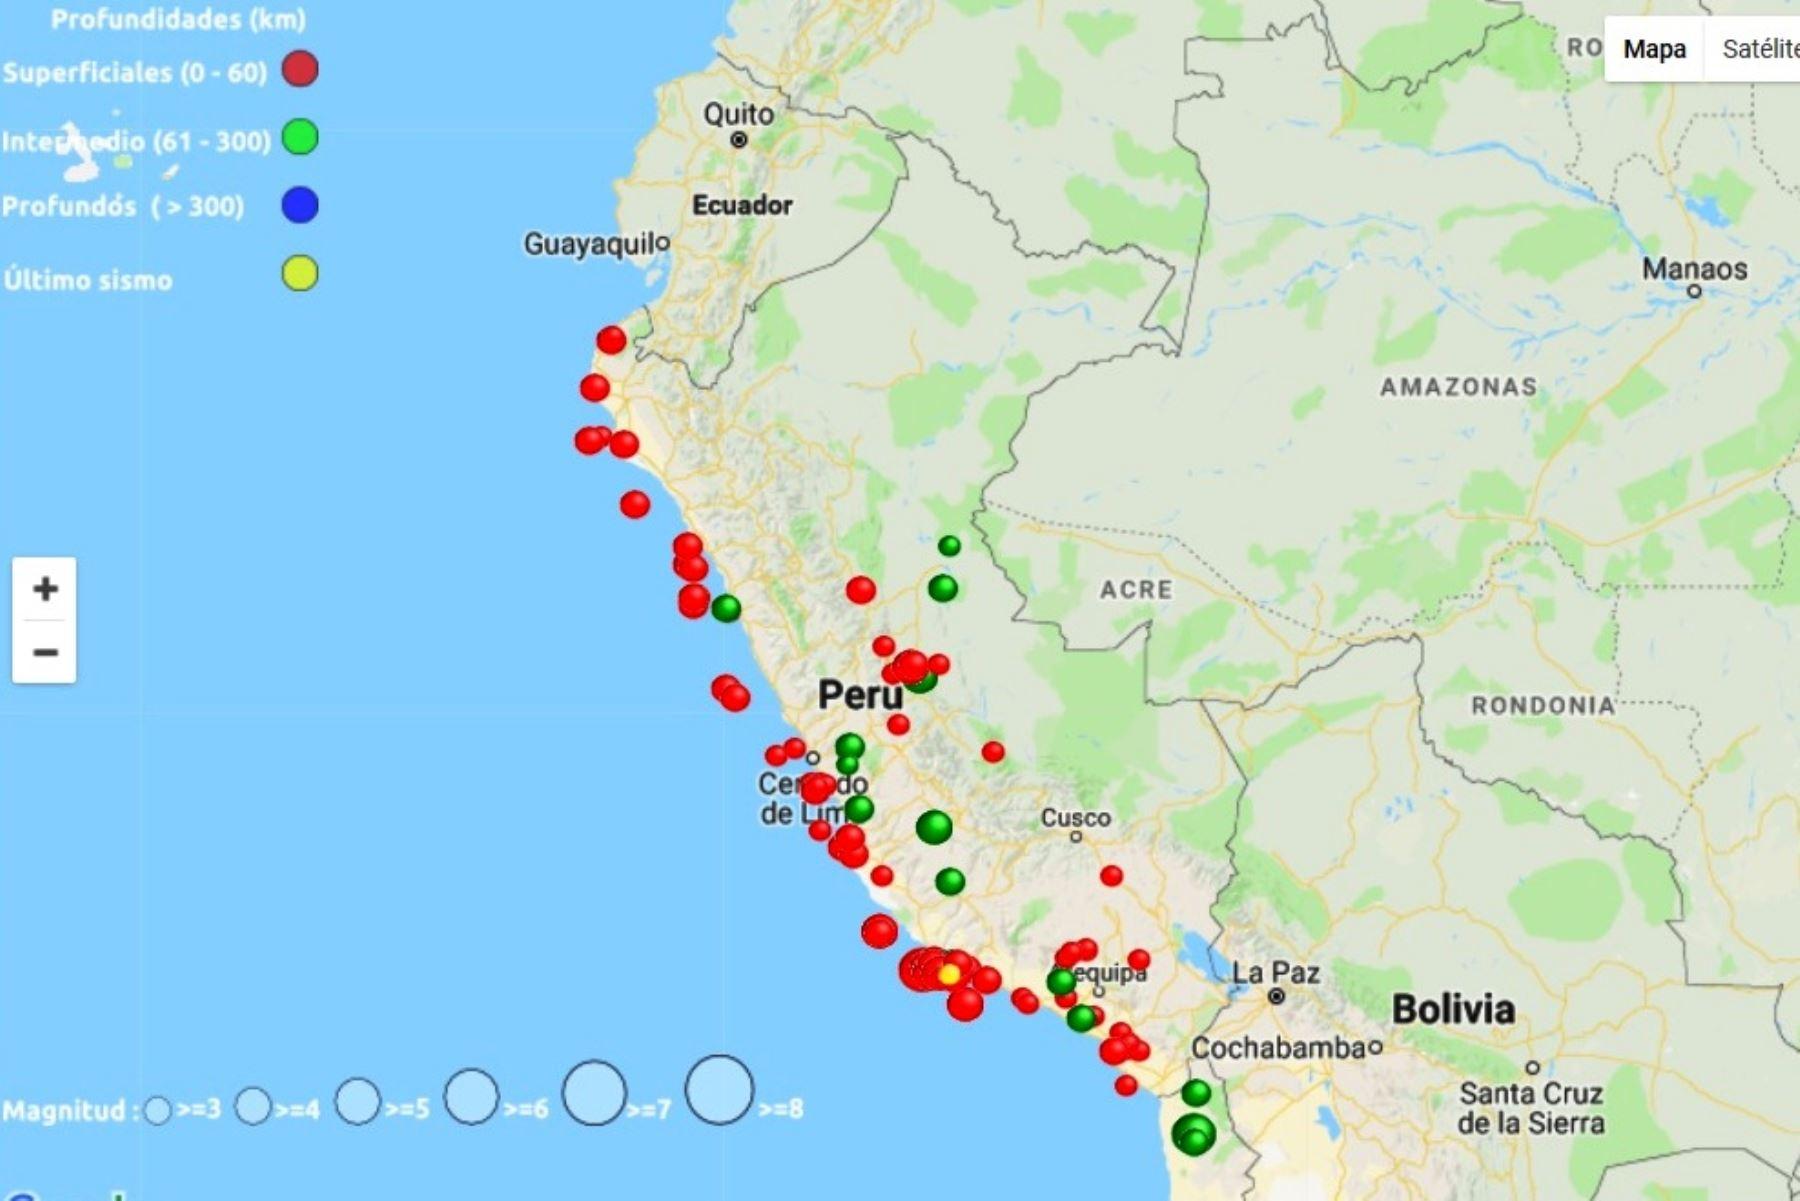 Más de 90 sismos se han registrado en el Perú en lo que va del año. Foto: ANDINA/Difusión.